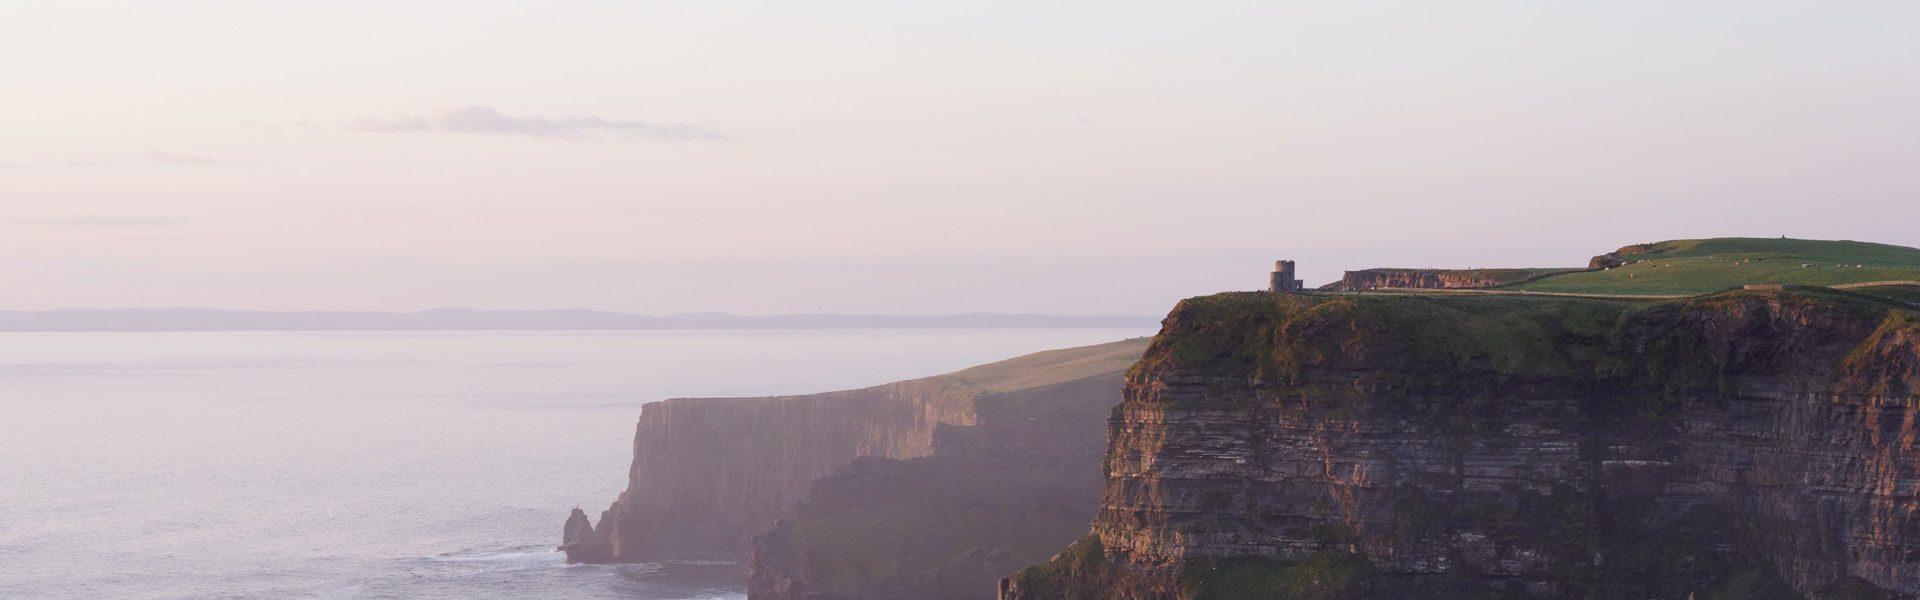 Ireland-Travel